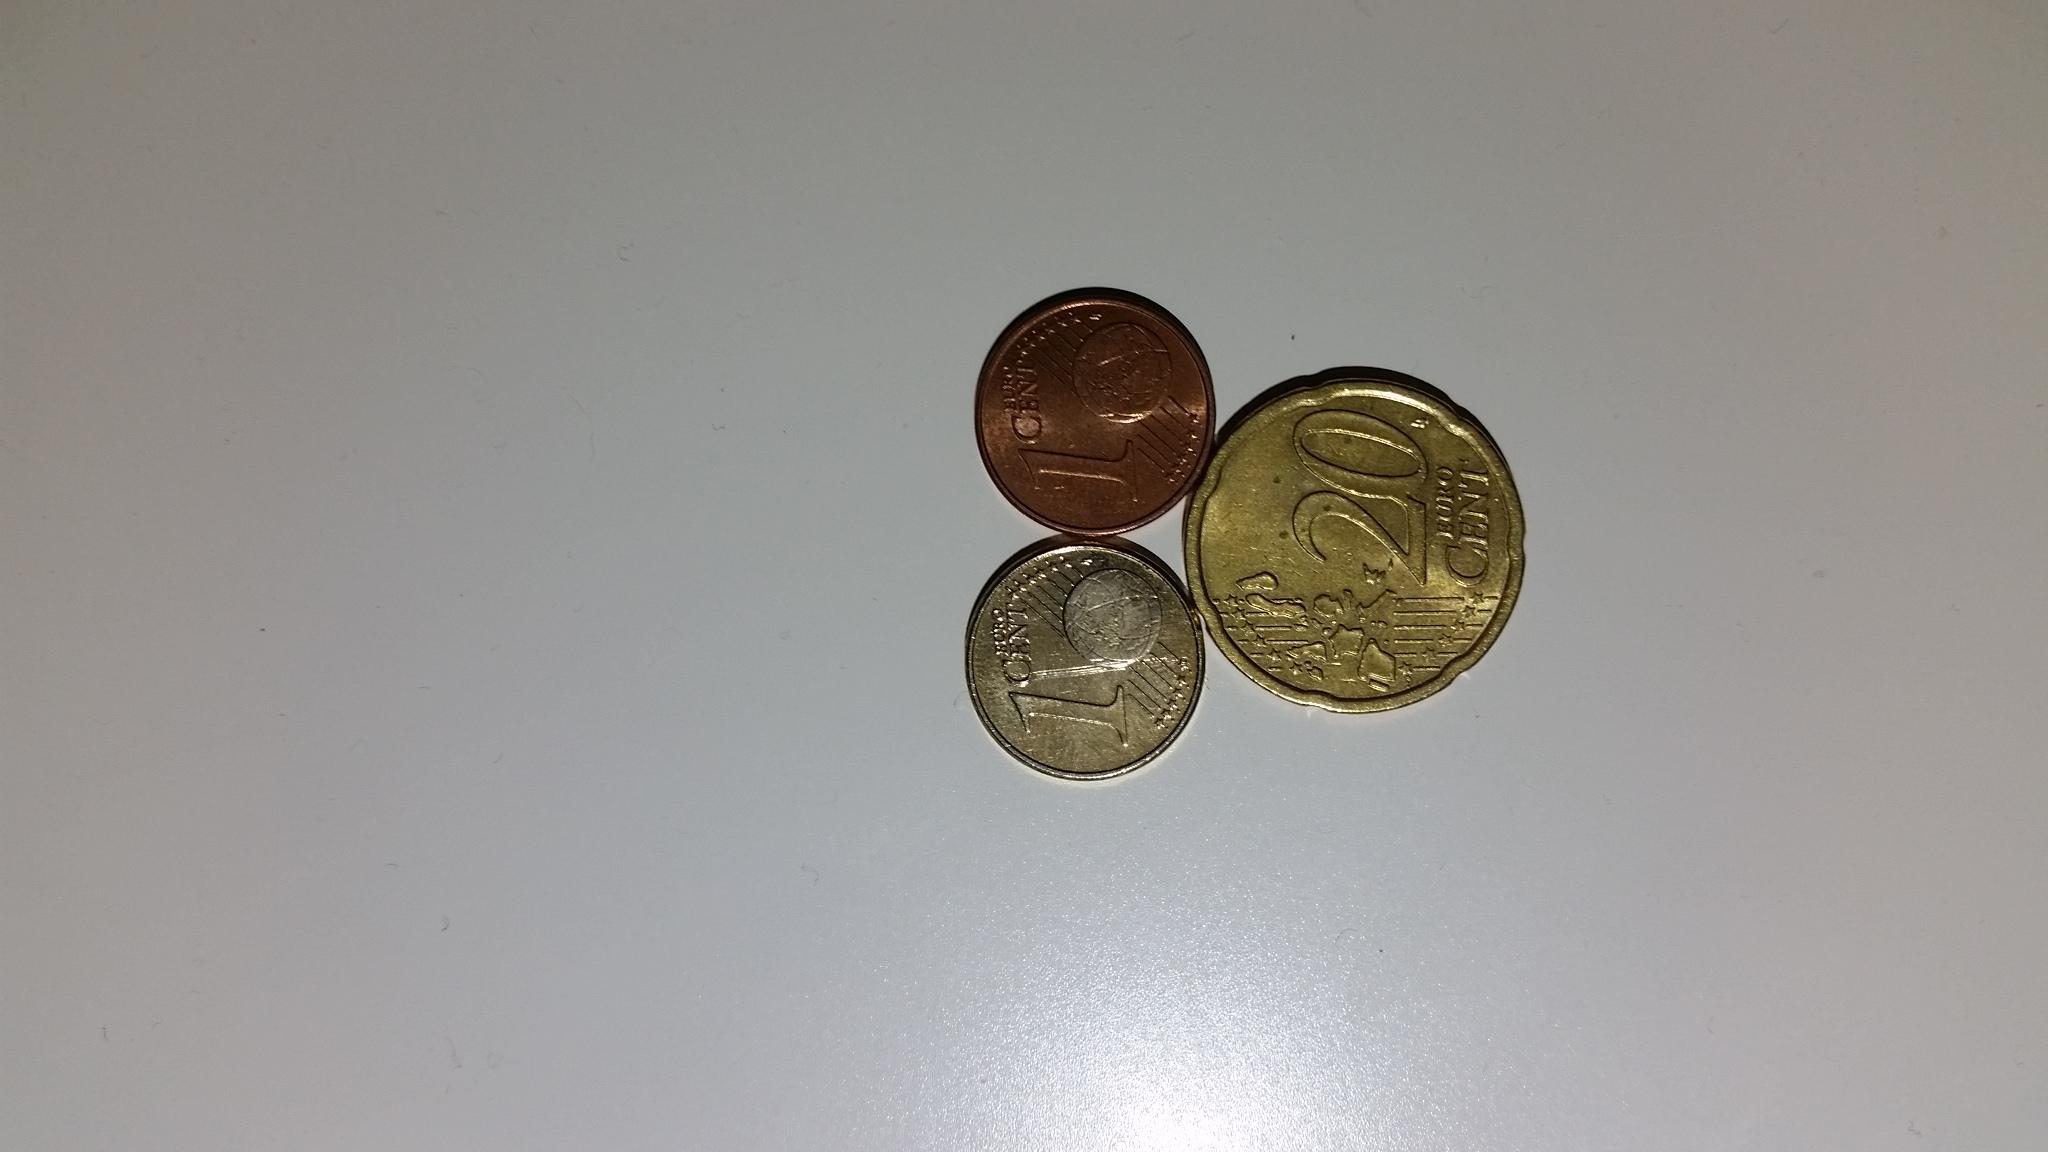 Goldene 1 Cent Münze Wie Viel Ist Sie Ca Wert Preis